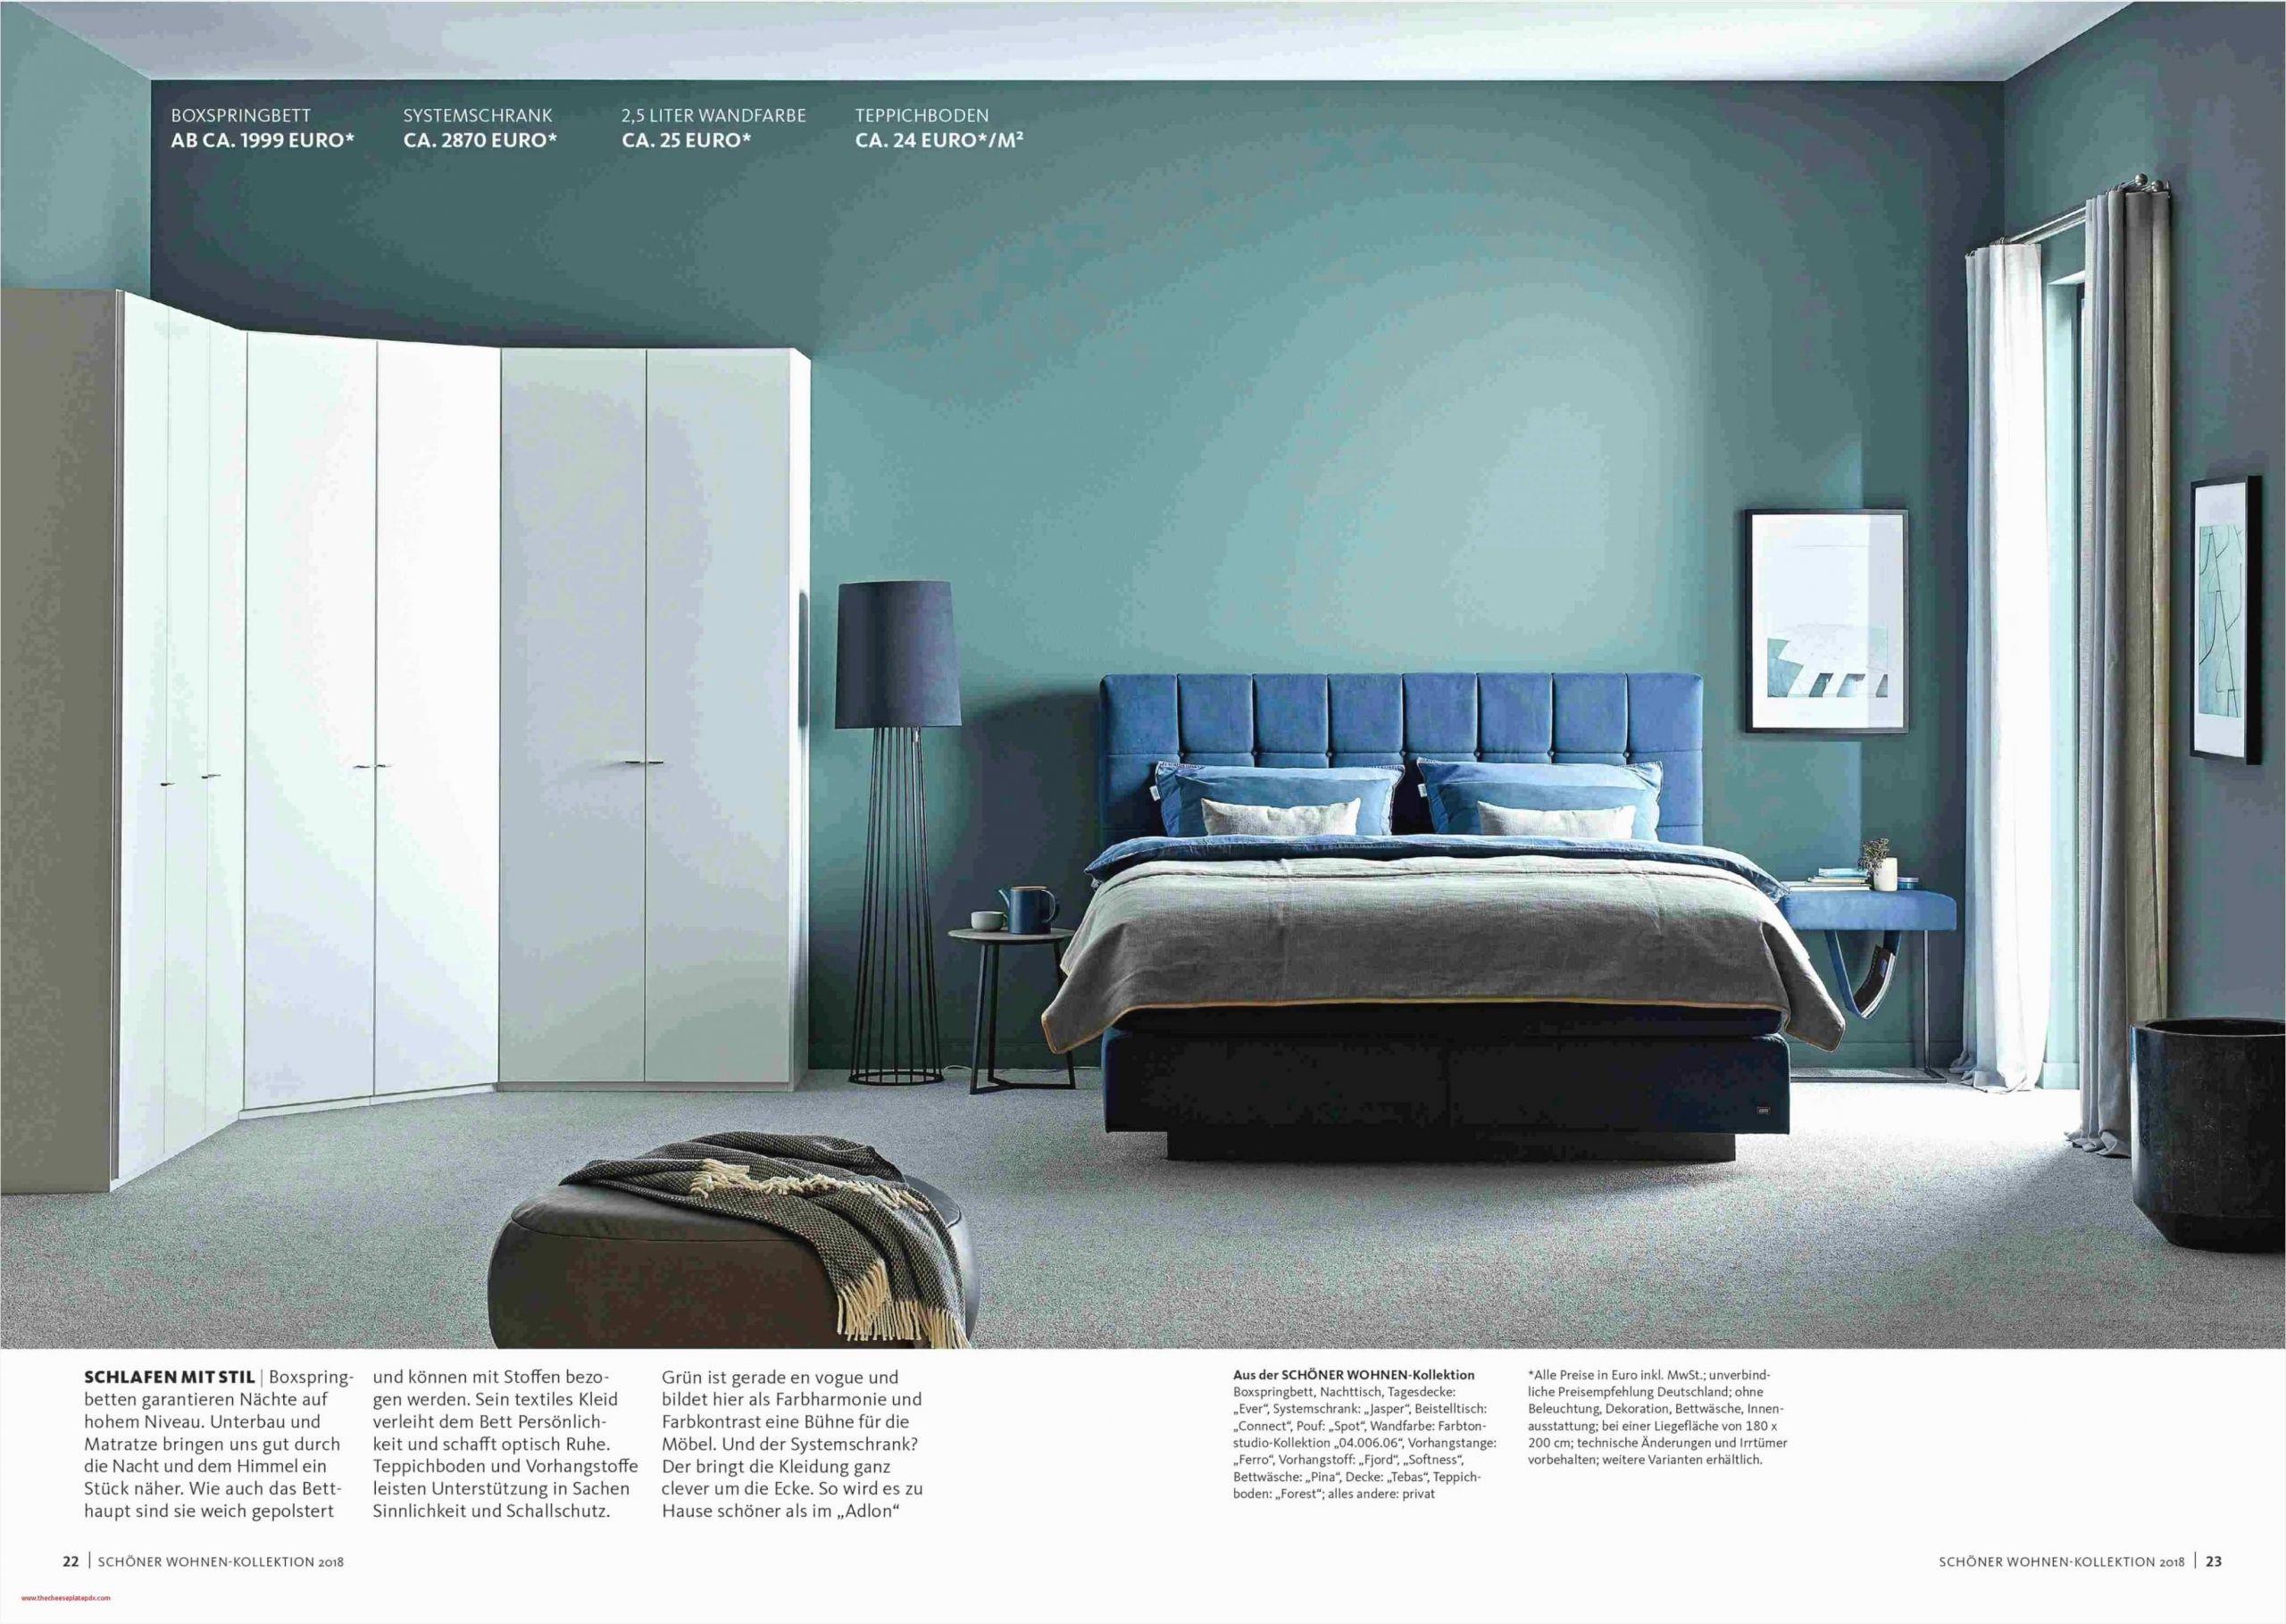 Full Size of Ikea Küche Mint Wandfarbe Griffe Singleküche Hochschrank Teppich Für Vinylboden Läufer Hängeschrank Höhe Aufbewahrungsbehälter Kurzzeitmesser Wohnzimmer Ikea Küche Mint